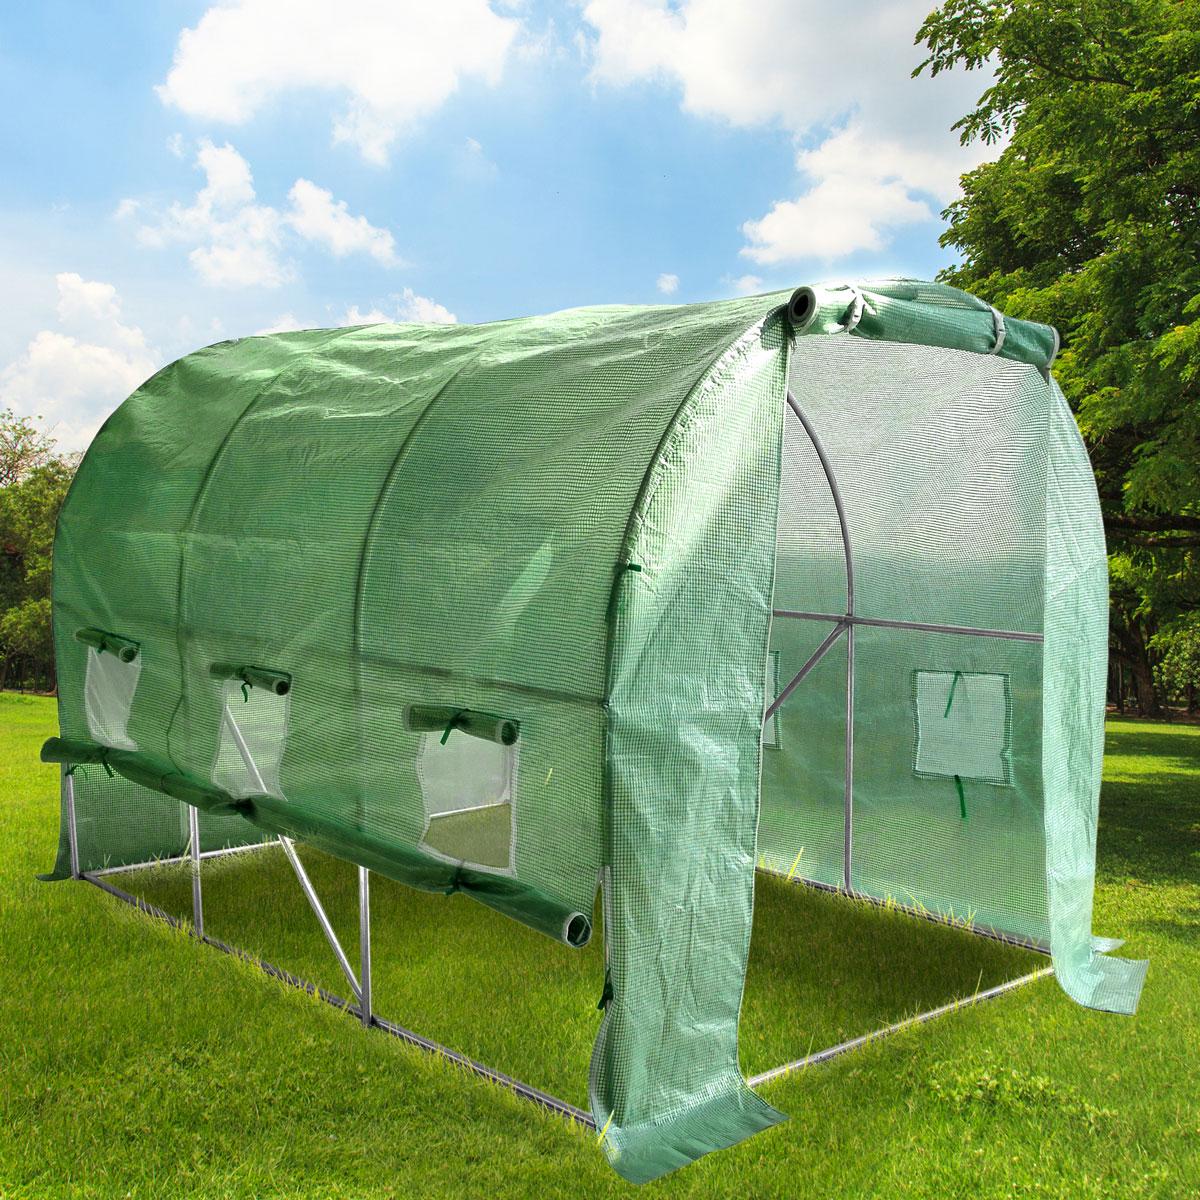 gew chshaus stahlfundament foliengew chshaus treibhaus tomatenhaus pflanzenhaus ebay. Black Bedroom Furniture Sets. Home Design Ideas